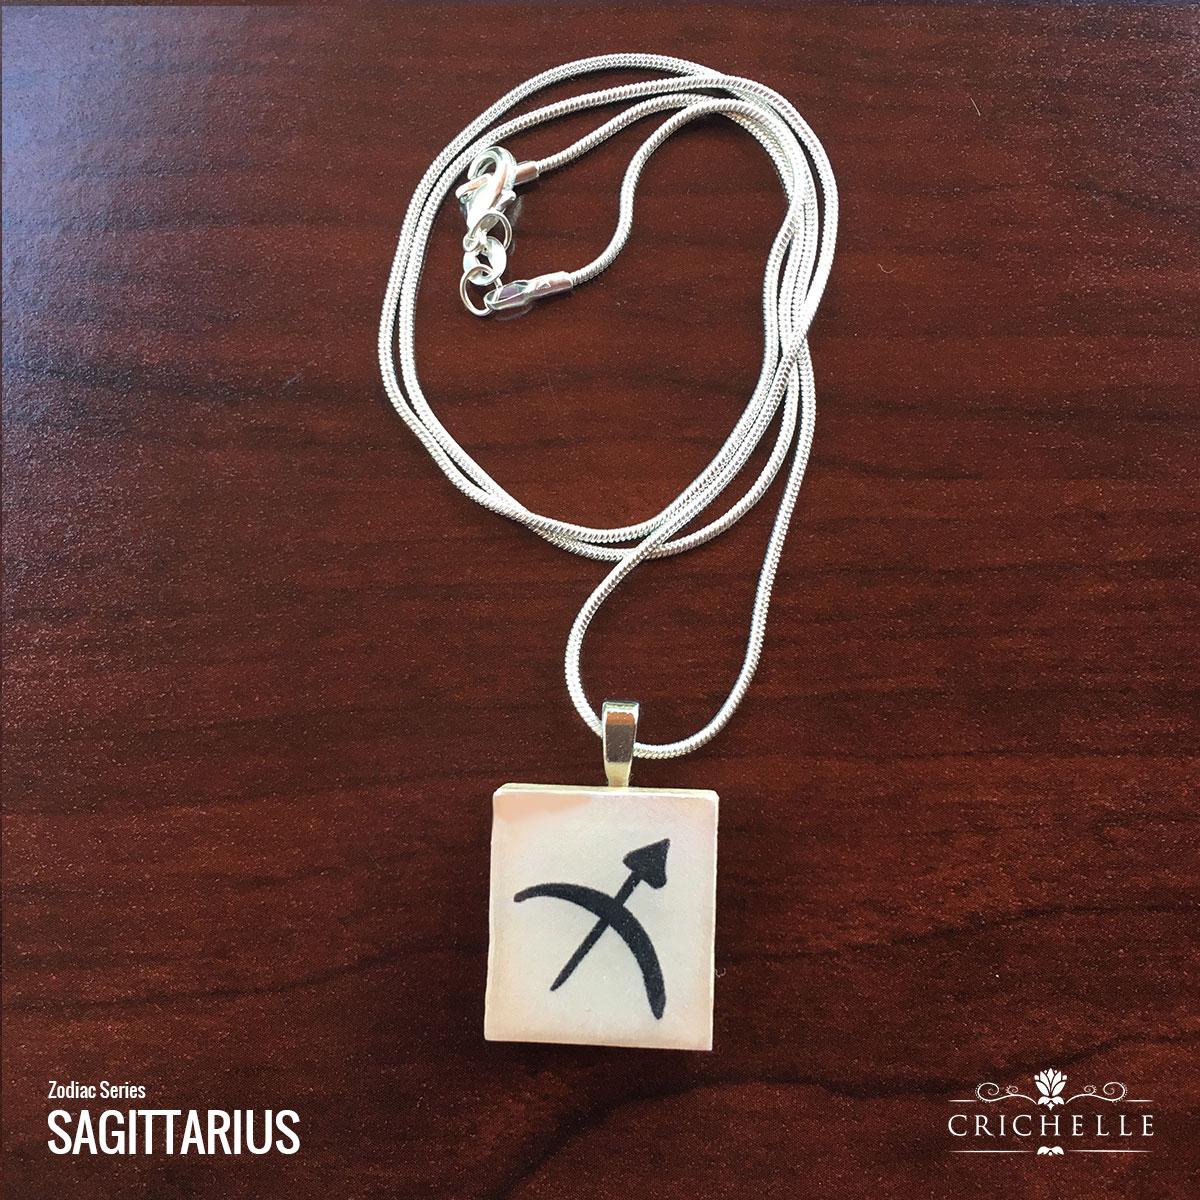 Sagittarius scrabble tile pendant necklace crichelle sagittarius scrabble tile pendant mozeypictures Gallery